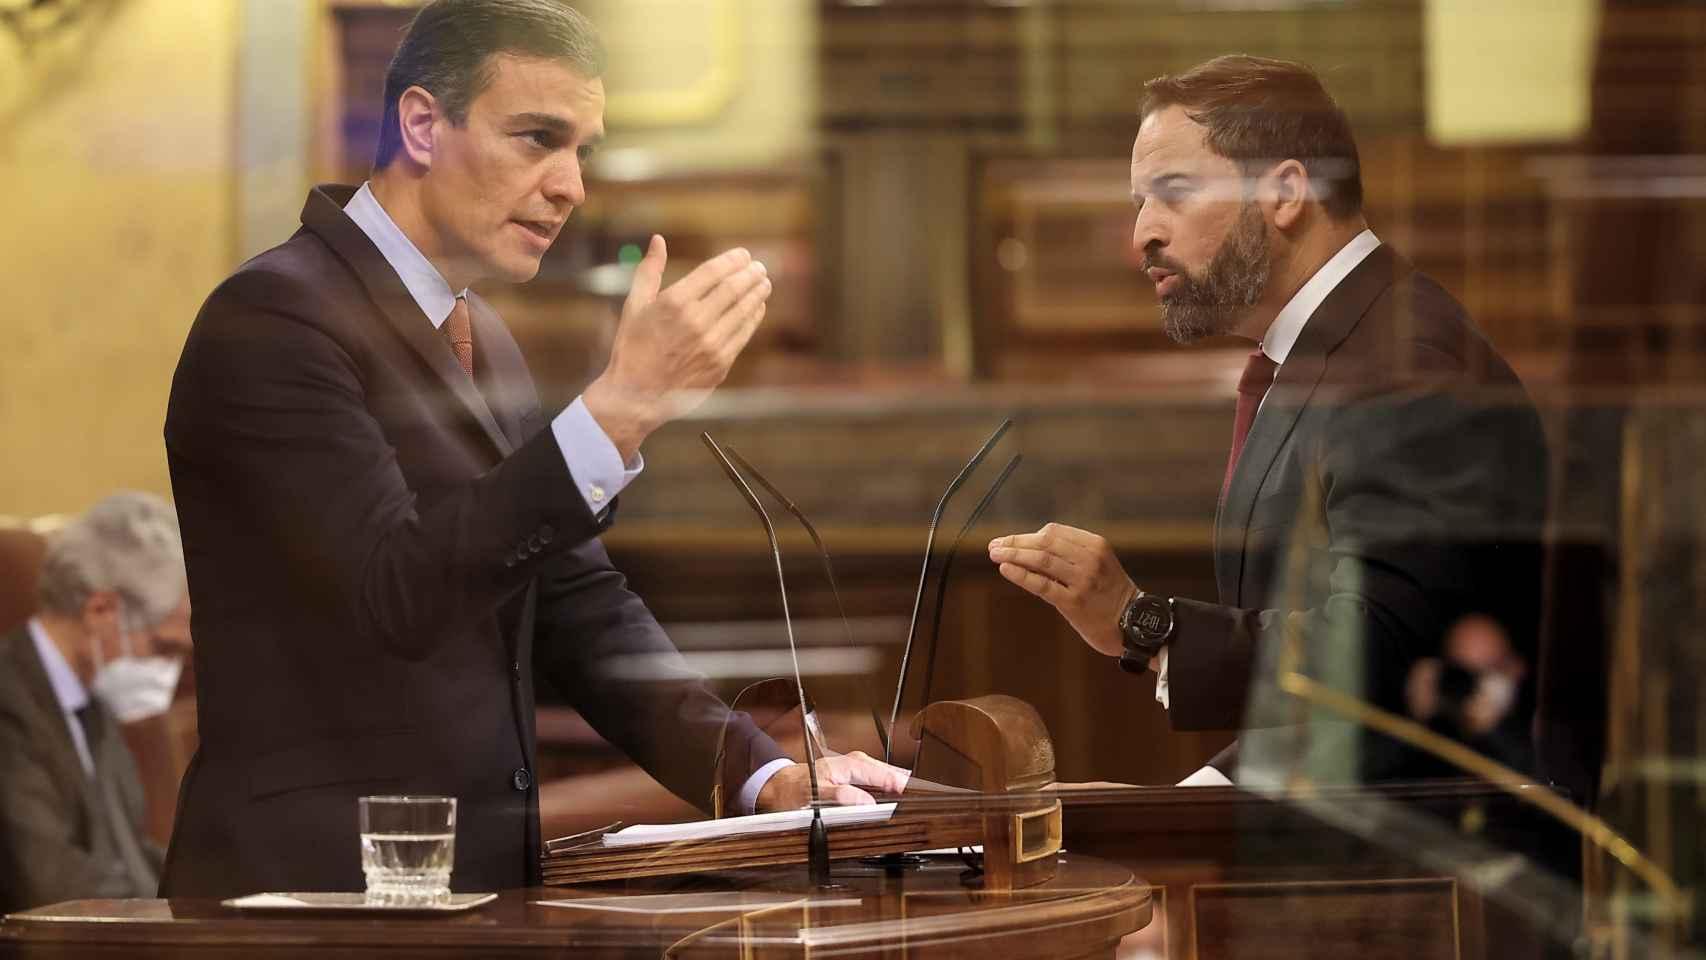 La moción de censura de Vox contra Pedro Sánchez, en imágenes